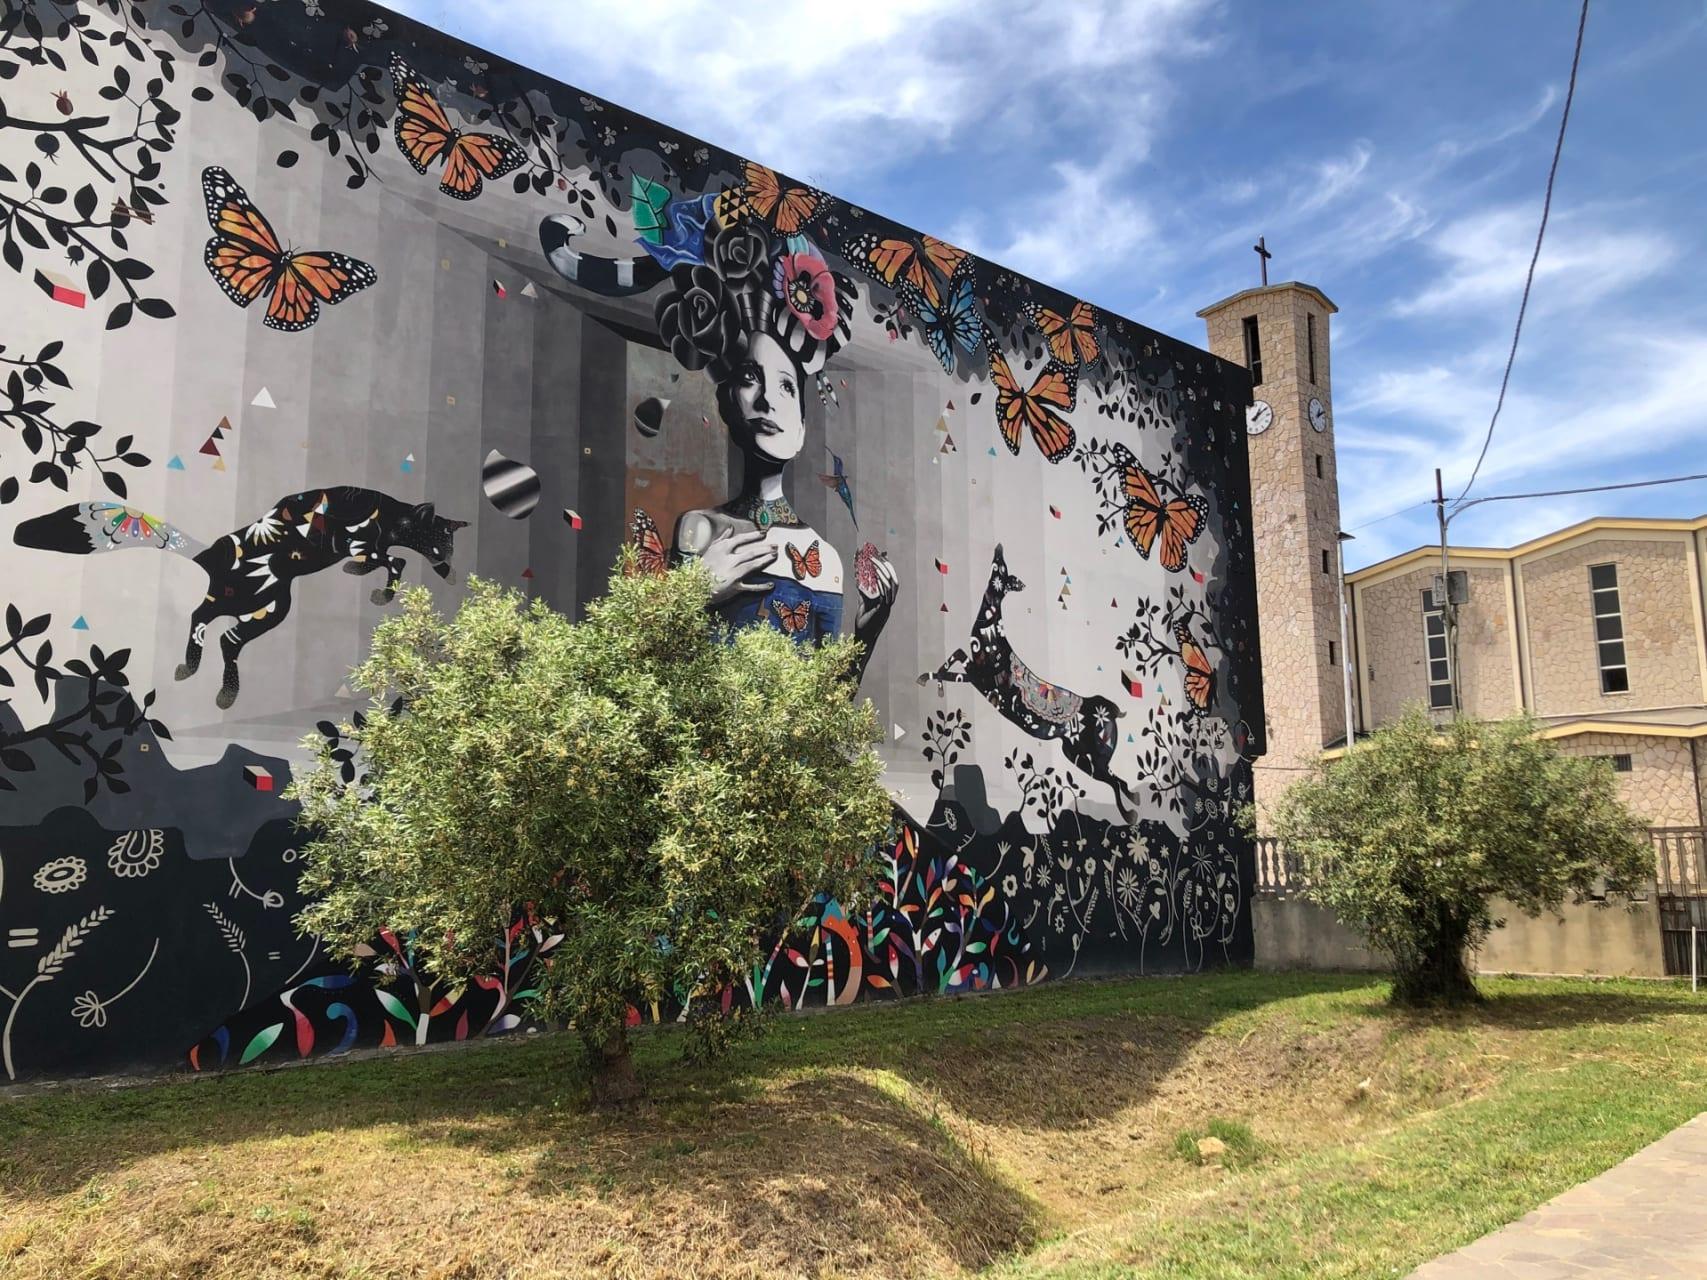 Sardinia - San Gavino Monreale, the Homeland of Sardinian Contemporary Street Art